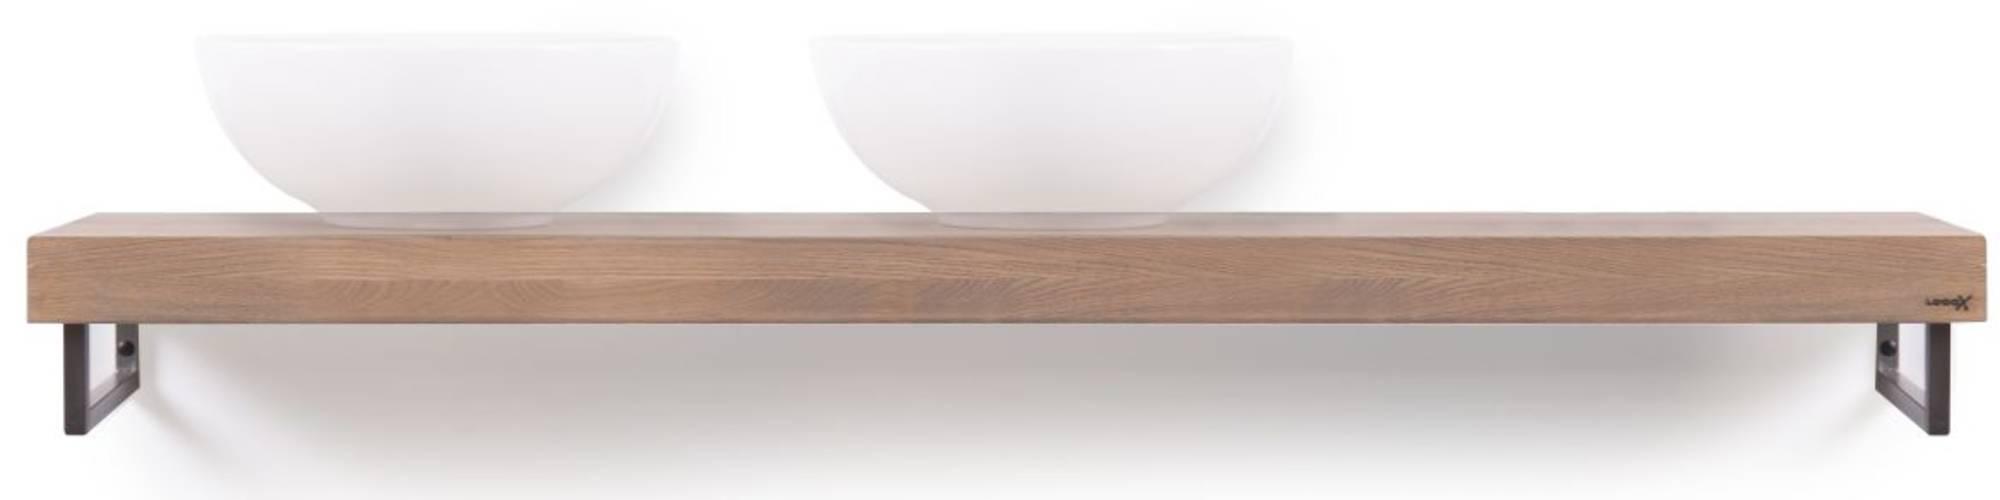 Looox Wooden Base Shelf Solo Eiken 160 cm Old Grey/RVS